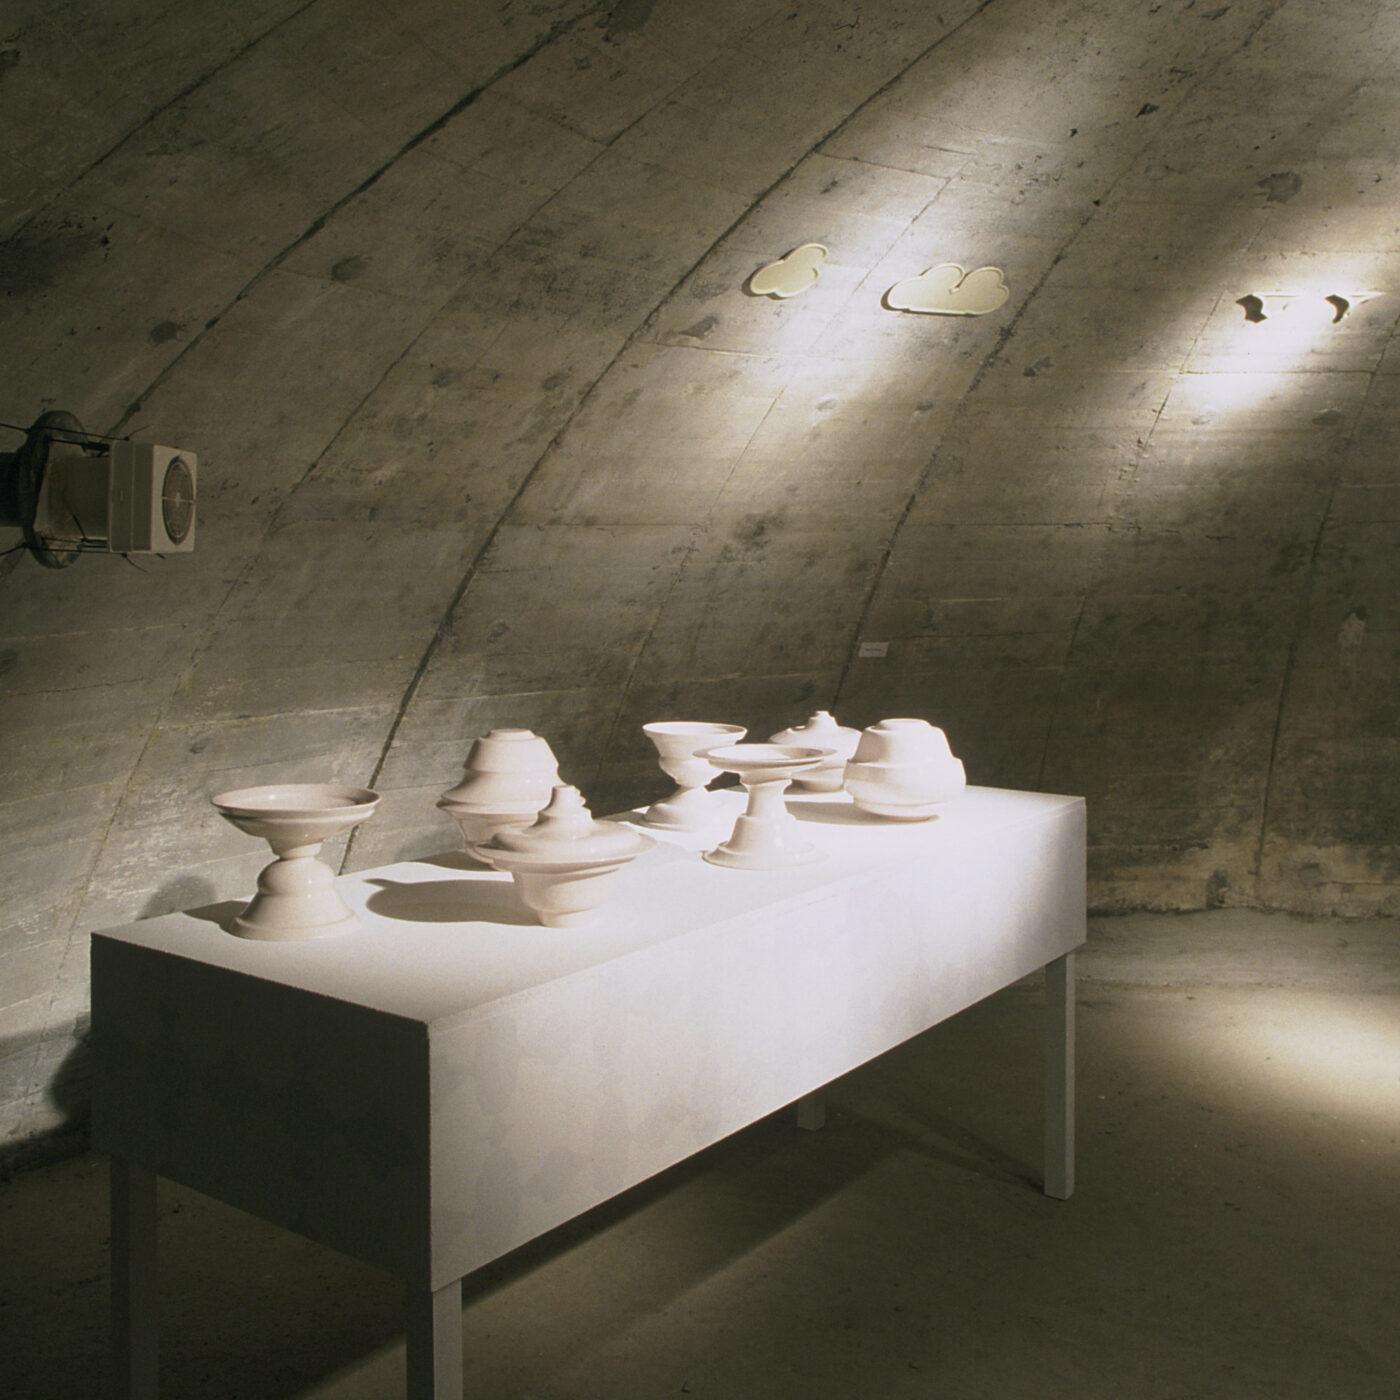 Keramiker Marianne Nielsen -Bunkerbordopdækning, 2004, foto: Ole Akhøj